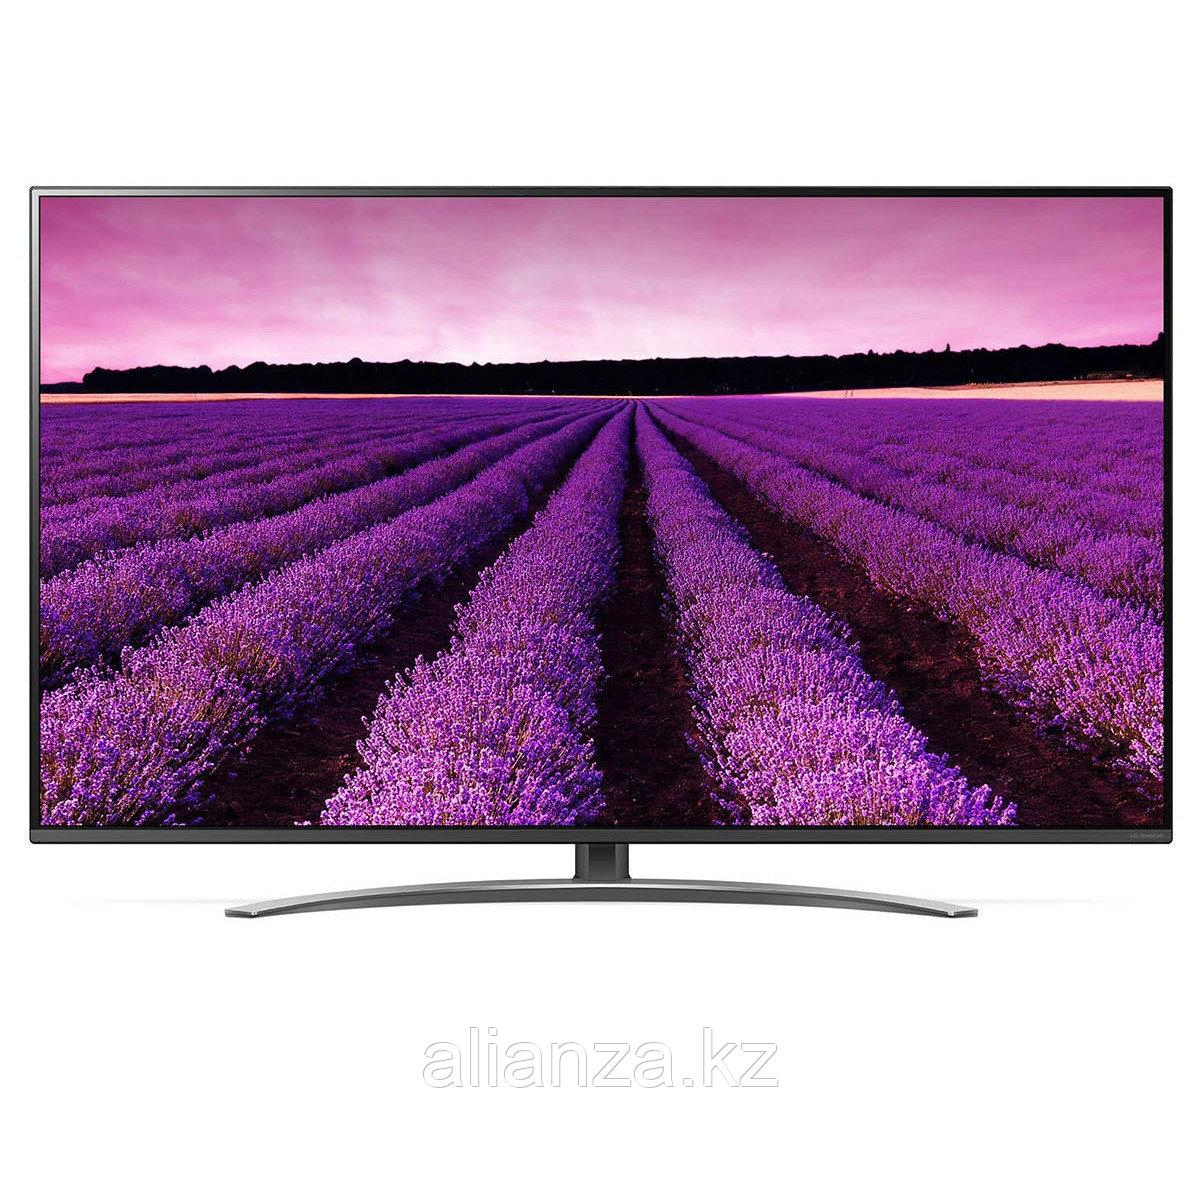 LED телевизор LG 65SM8200 - фото 1